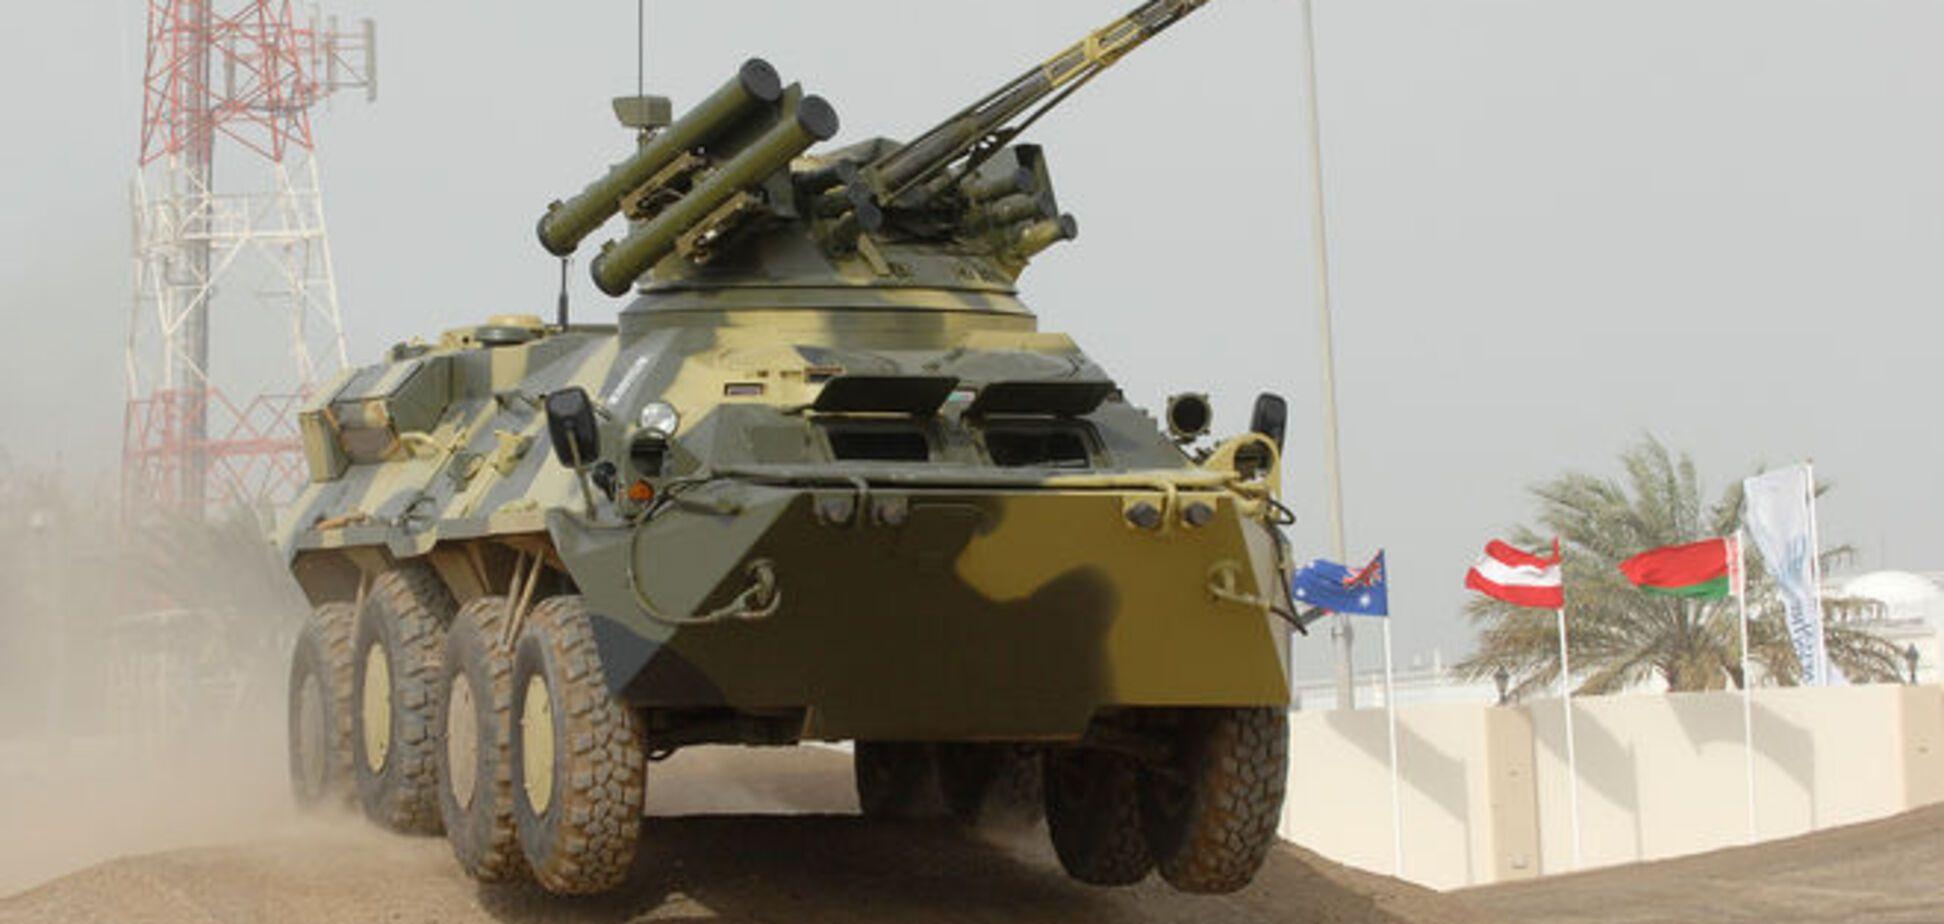 Директор Львовского бронетанкового завода лишился должности за срыв выпуска БТР